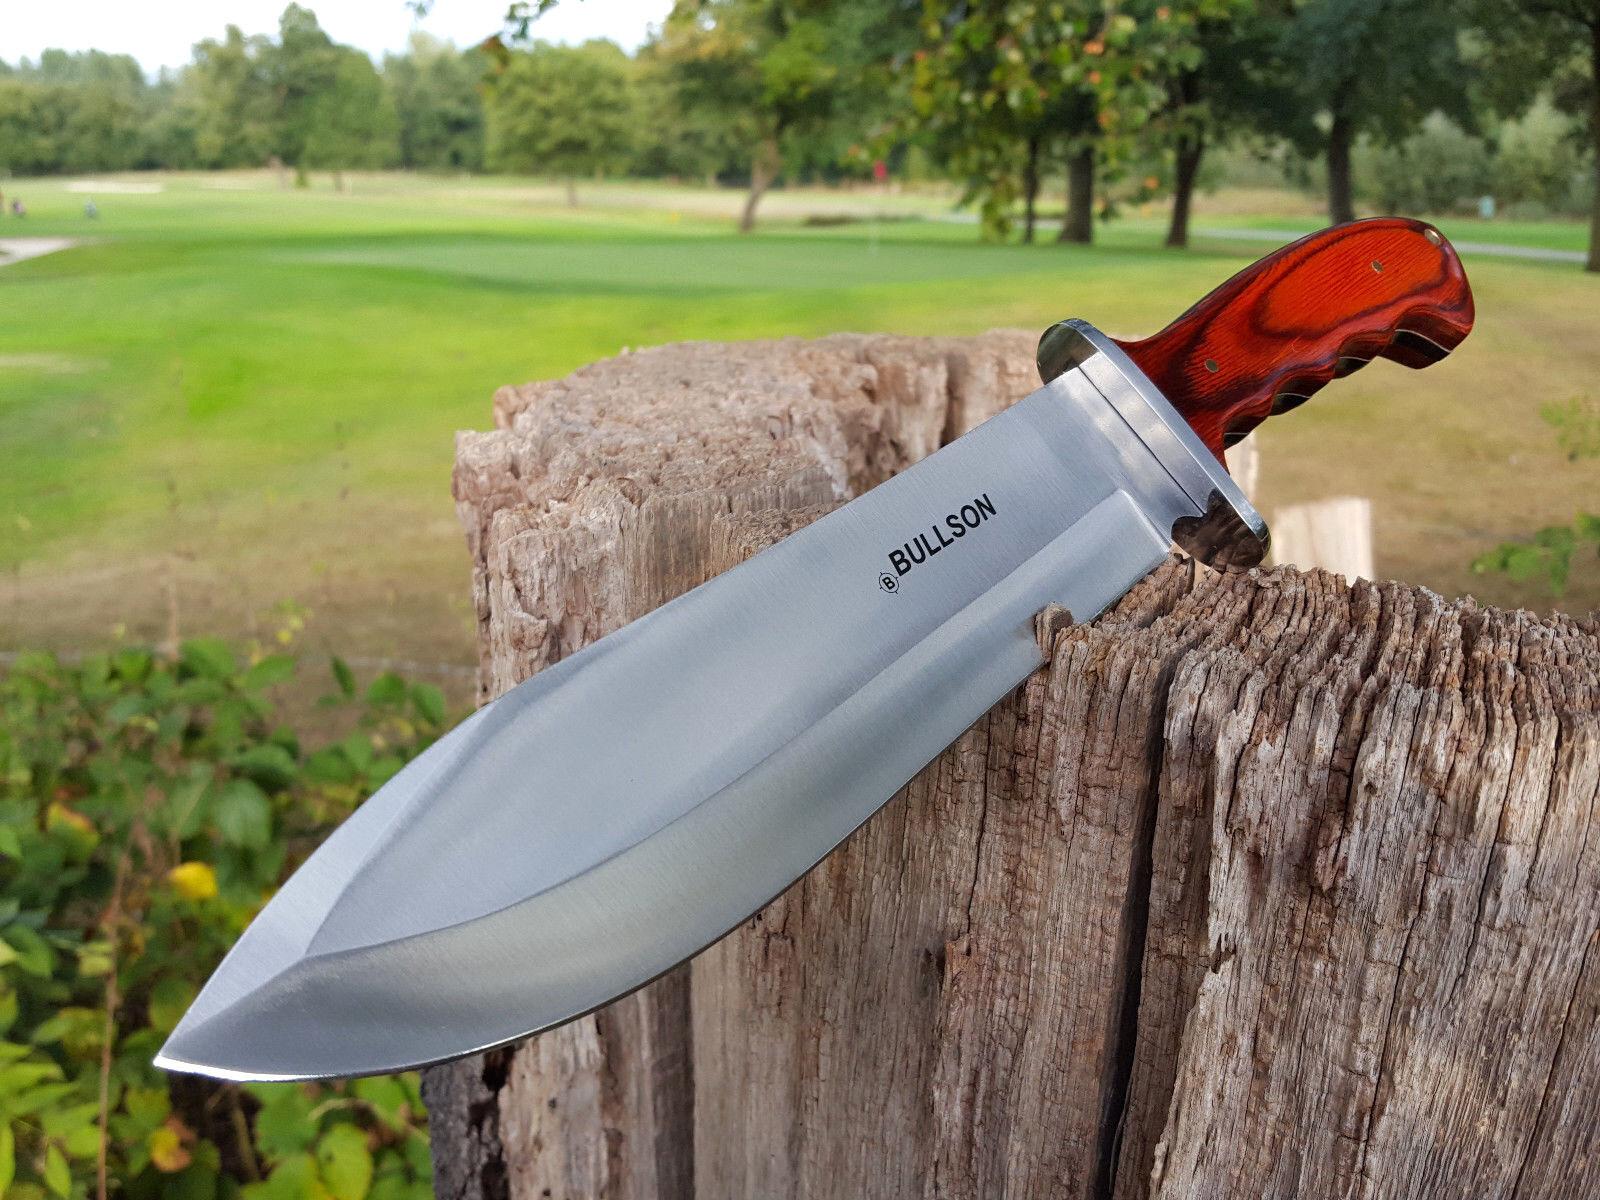 BULLSON USA MESSER JAGDMESSER  KNIFE BUSCHMESSER MACHETE MACHETTE MACETE MACETE MACETE ROT  | Kunde zuerst  8867ac